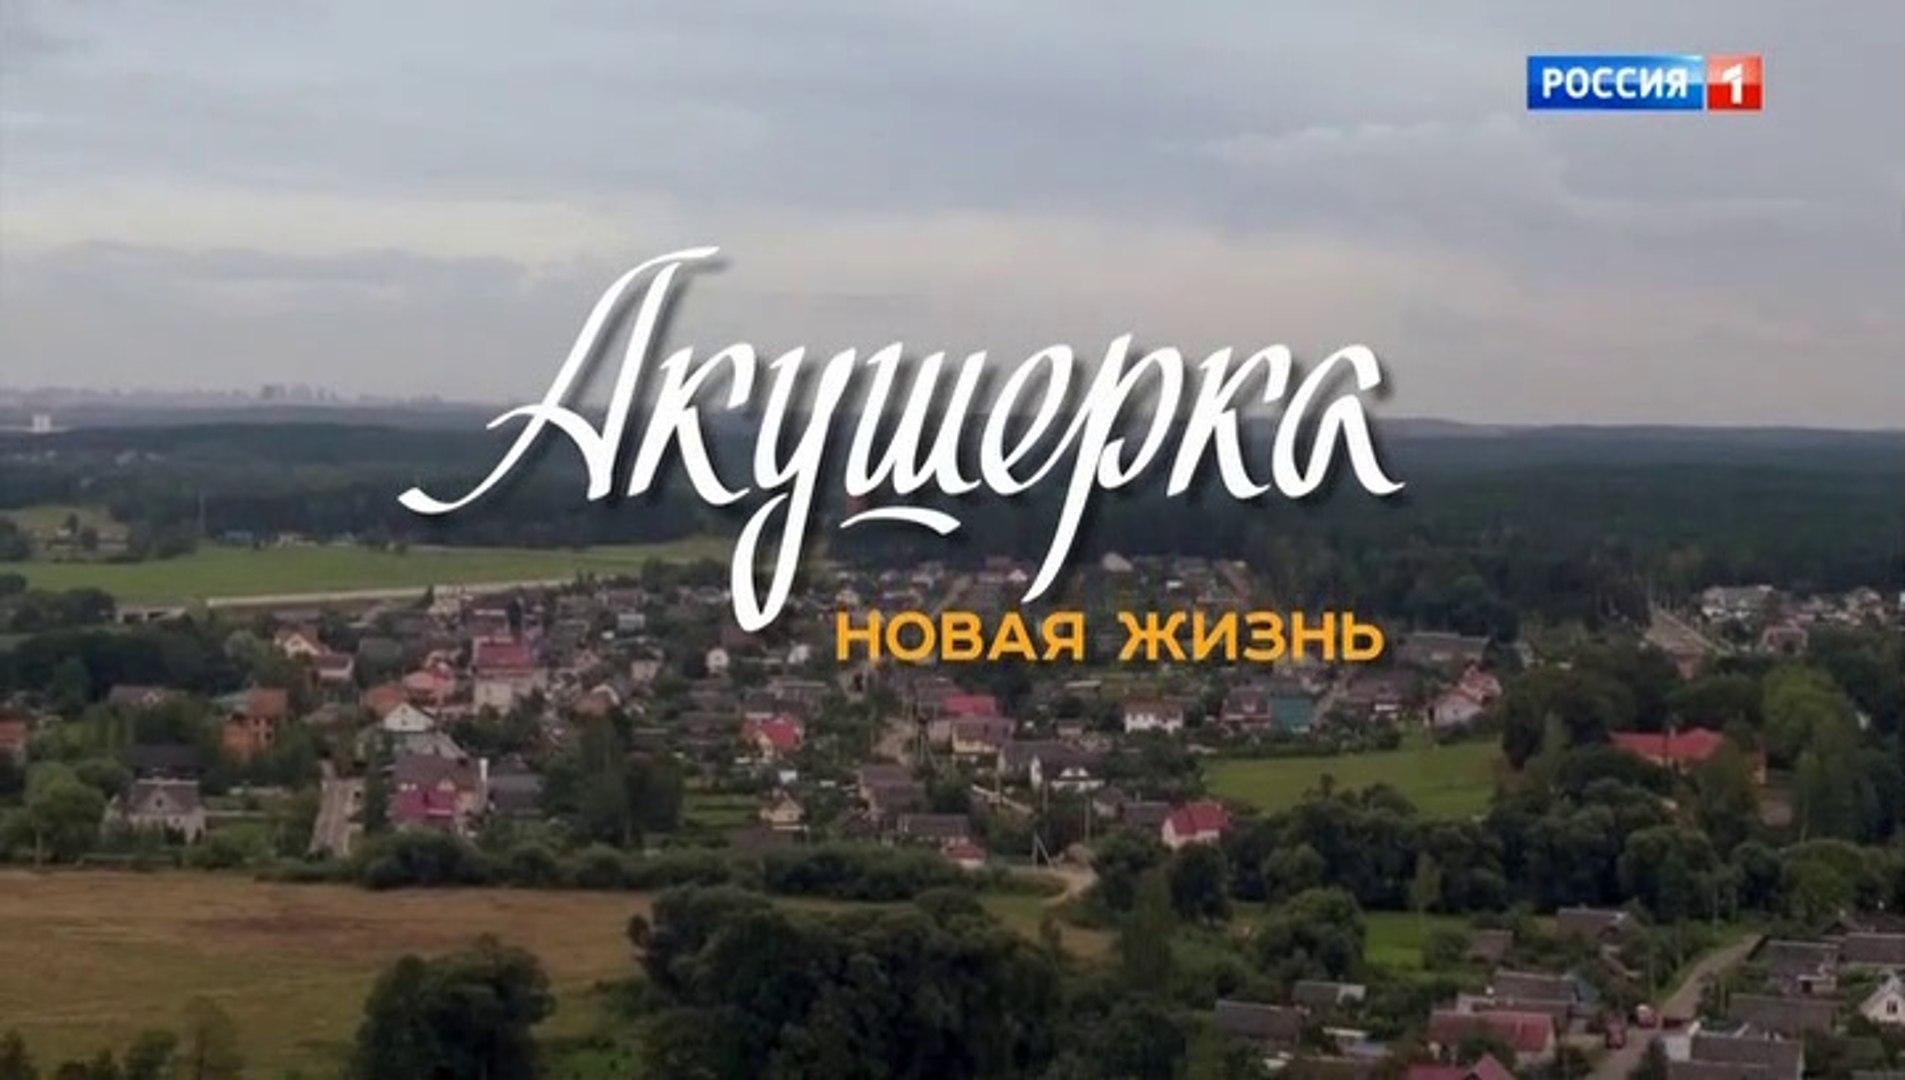 Акушерка. Новая жизнь (2019) - 1 серия смотреть онлайн